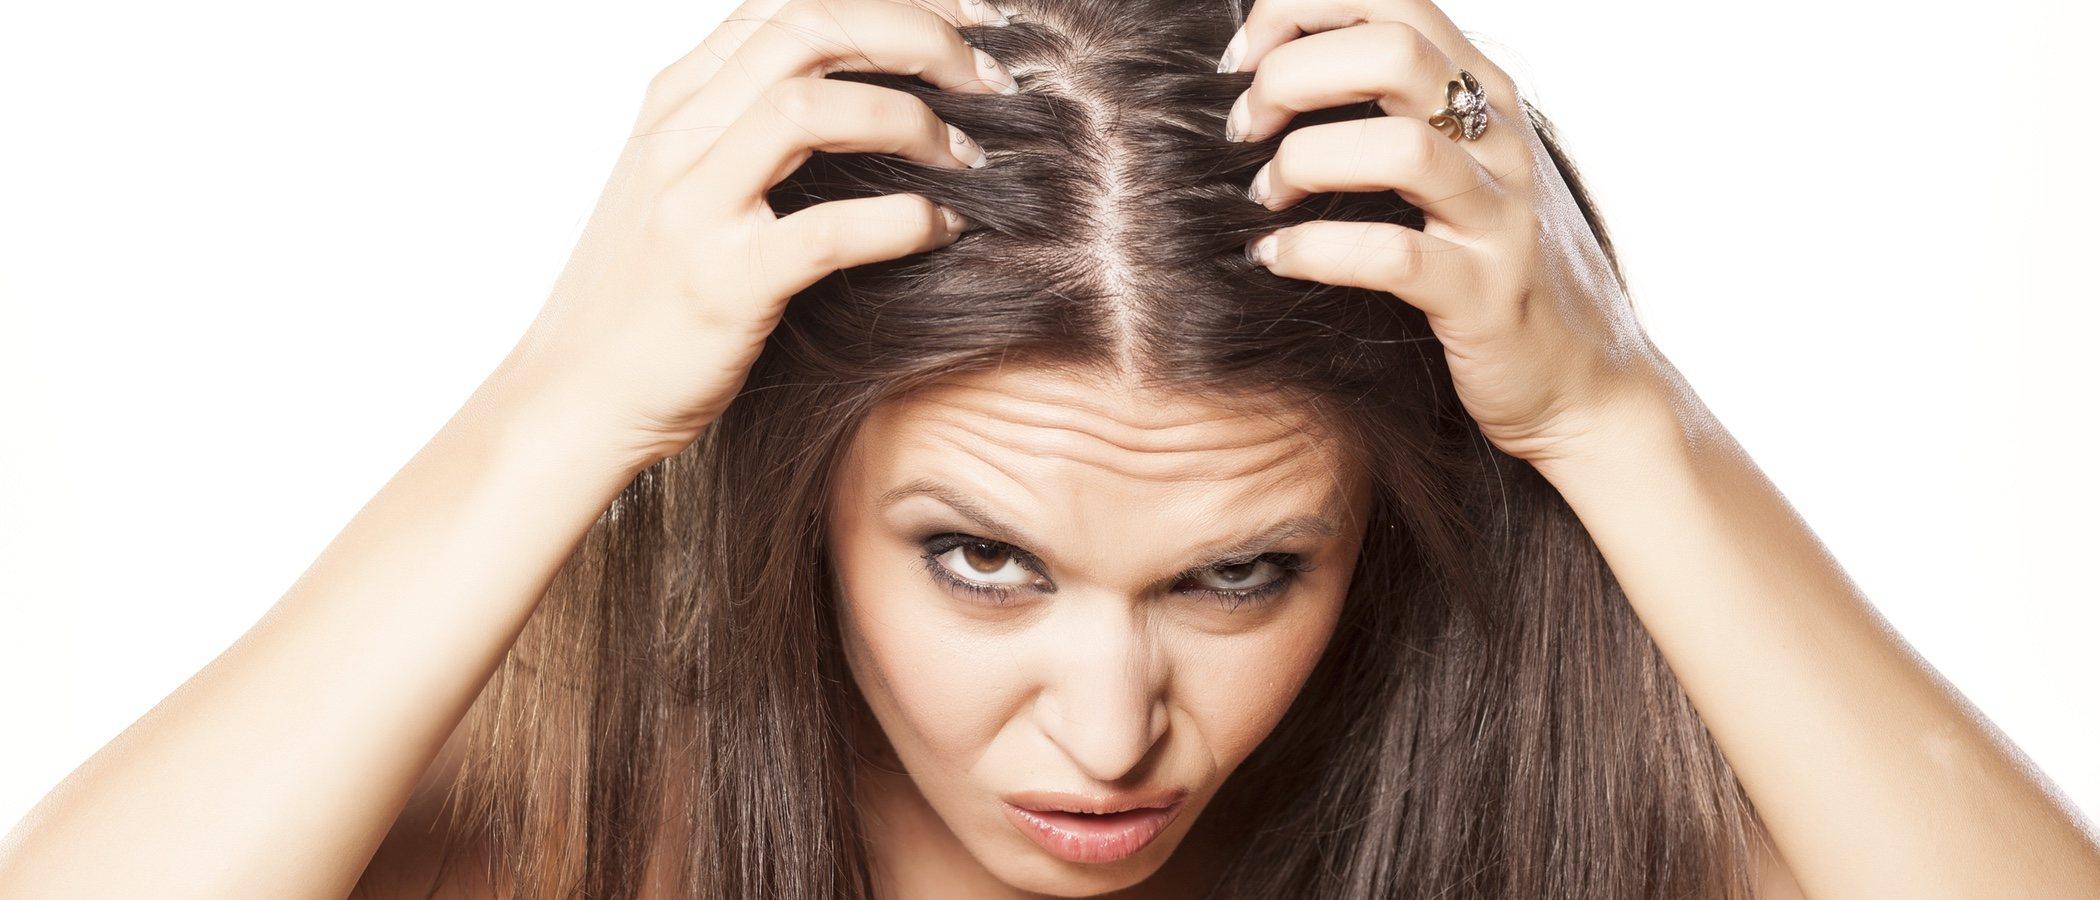 caída de cabello femenina